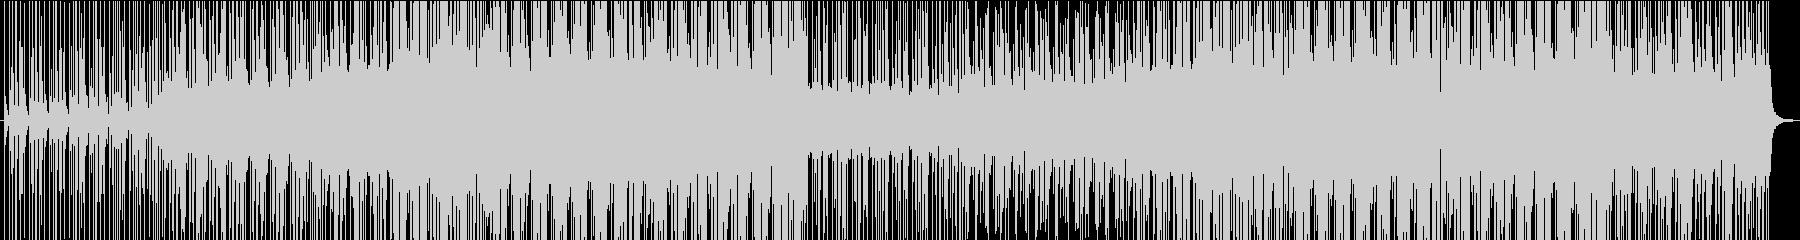 マリンバとピアノが奏でるハーモニーの未再生の波形